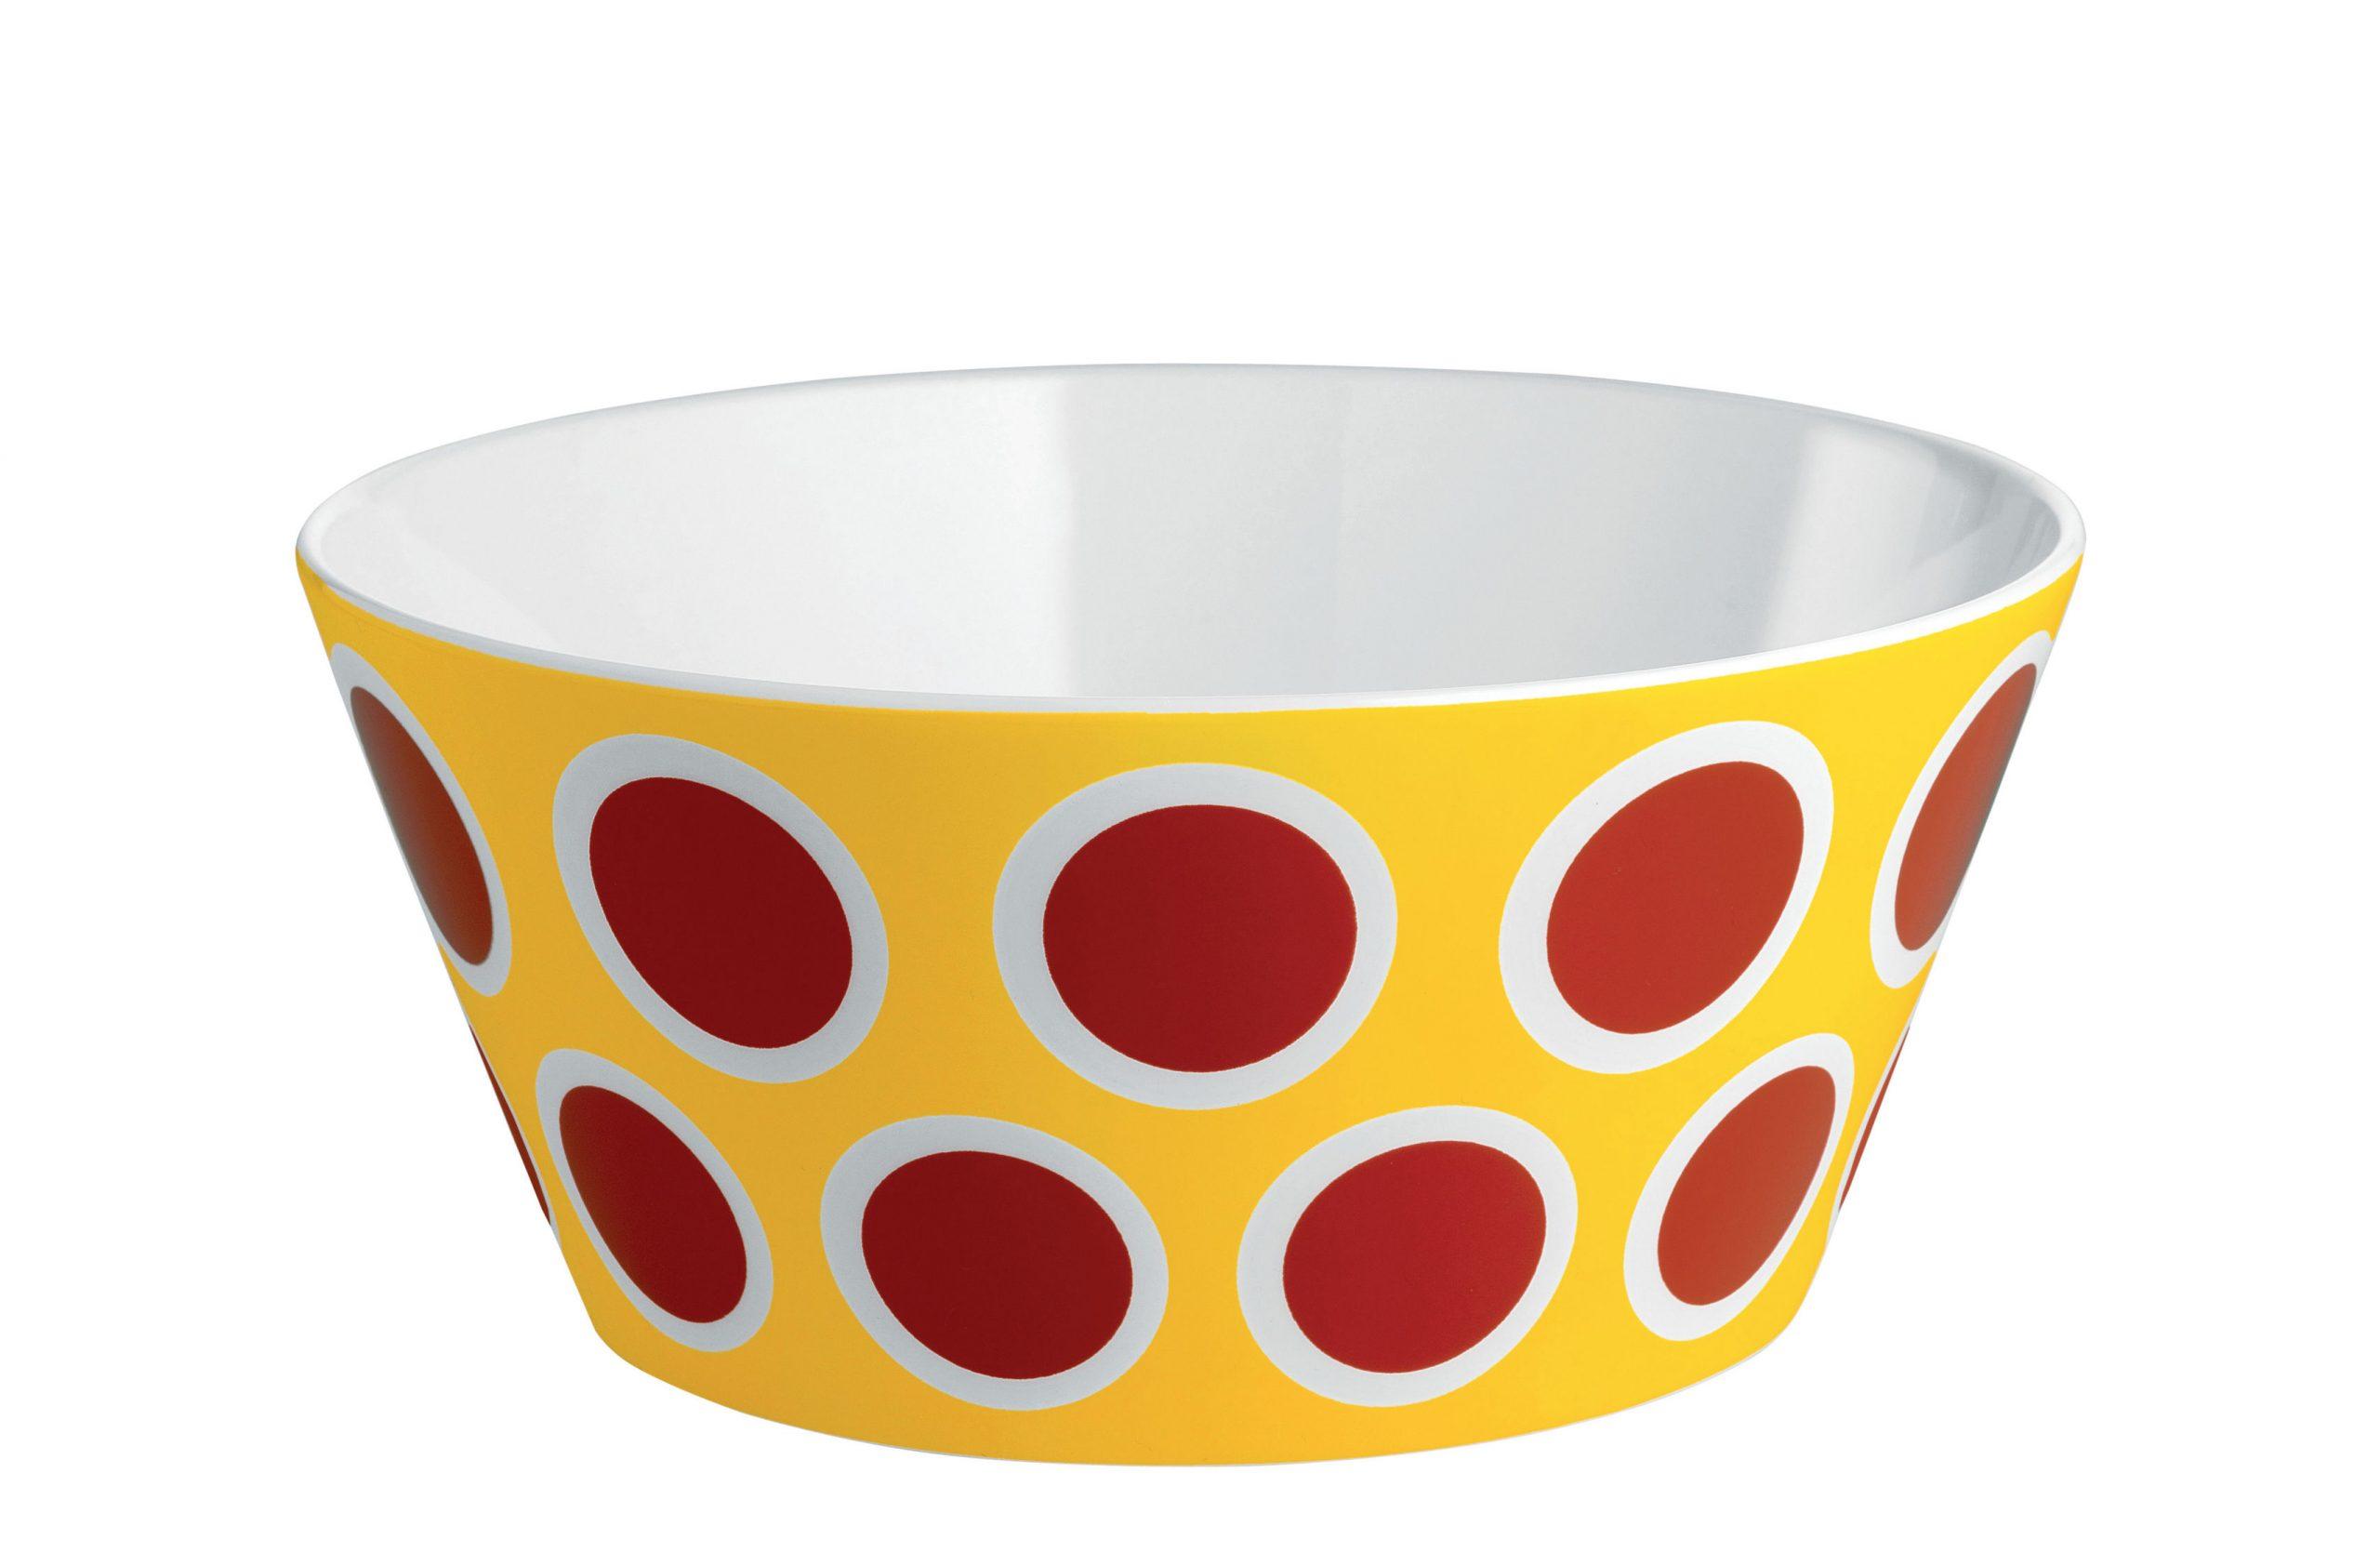 Tazón de circo - Ø 16 x H 7 cm Blanco   Amarillo   Rojo ALESSI Marcel Wanders 1